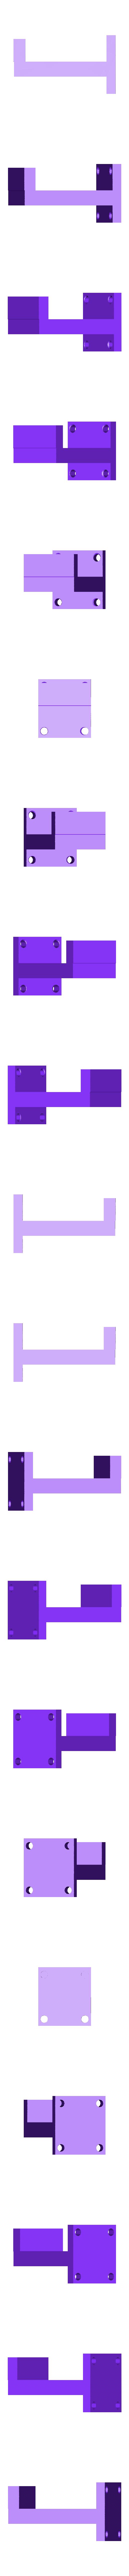 Latch.stl Télécharger fichier STL gratuit Serrure de porte • Plan à imprimer en 3D, Morcelkin